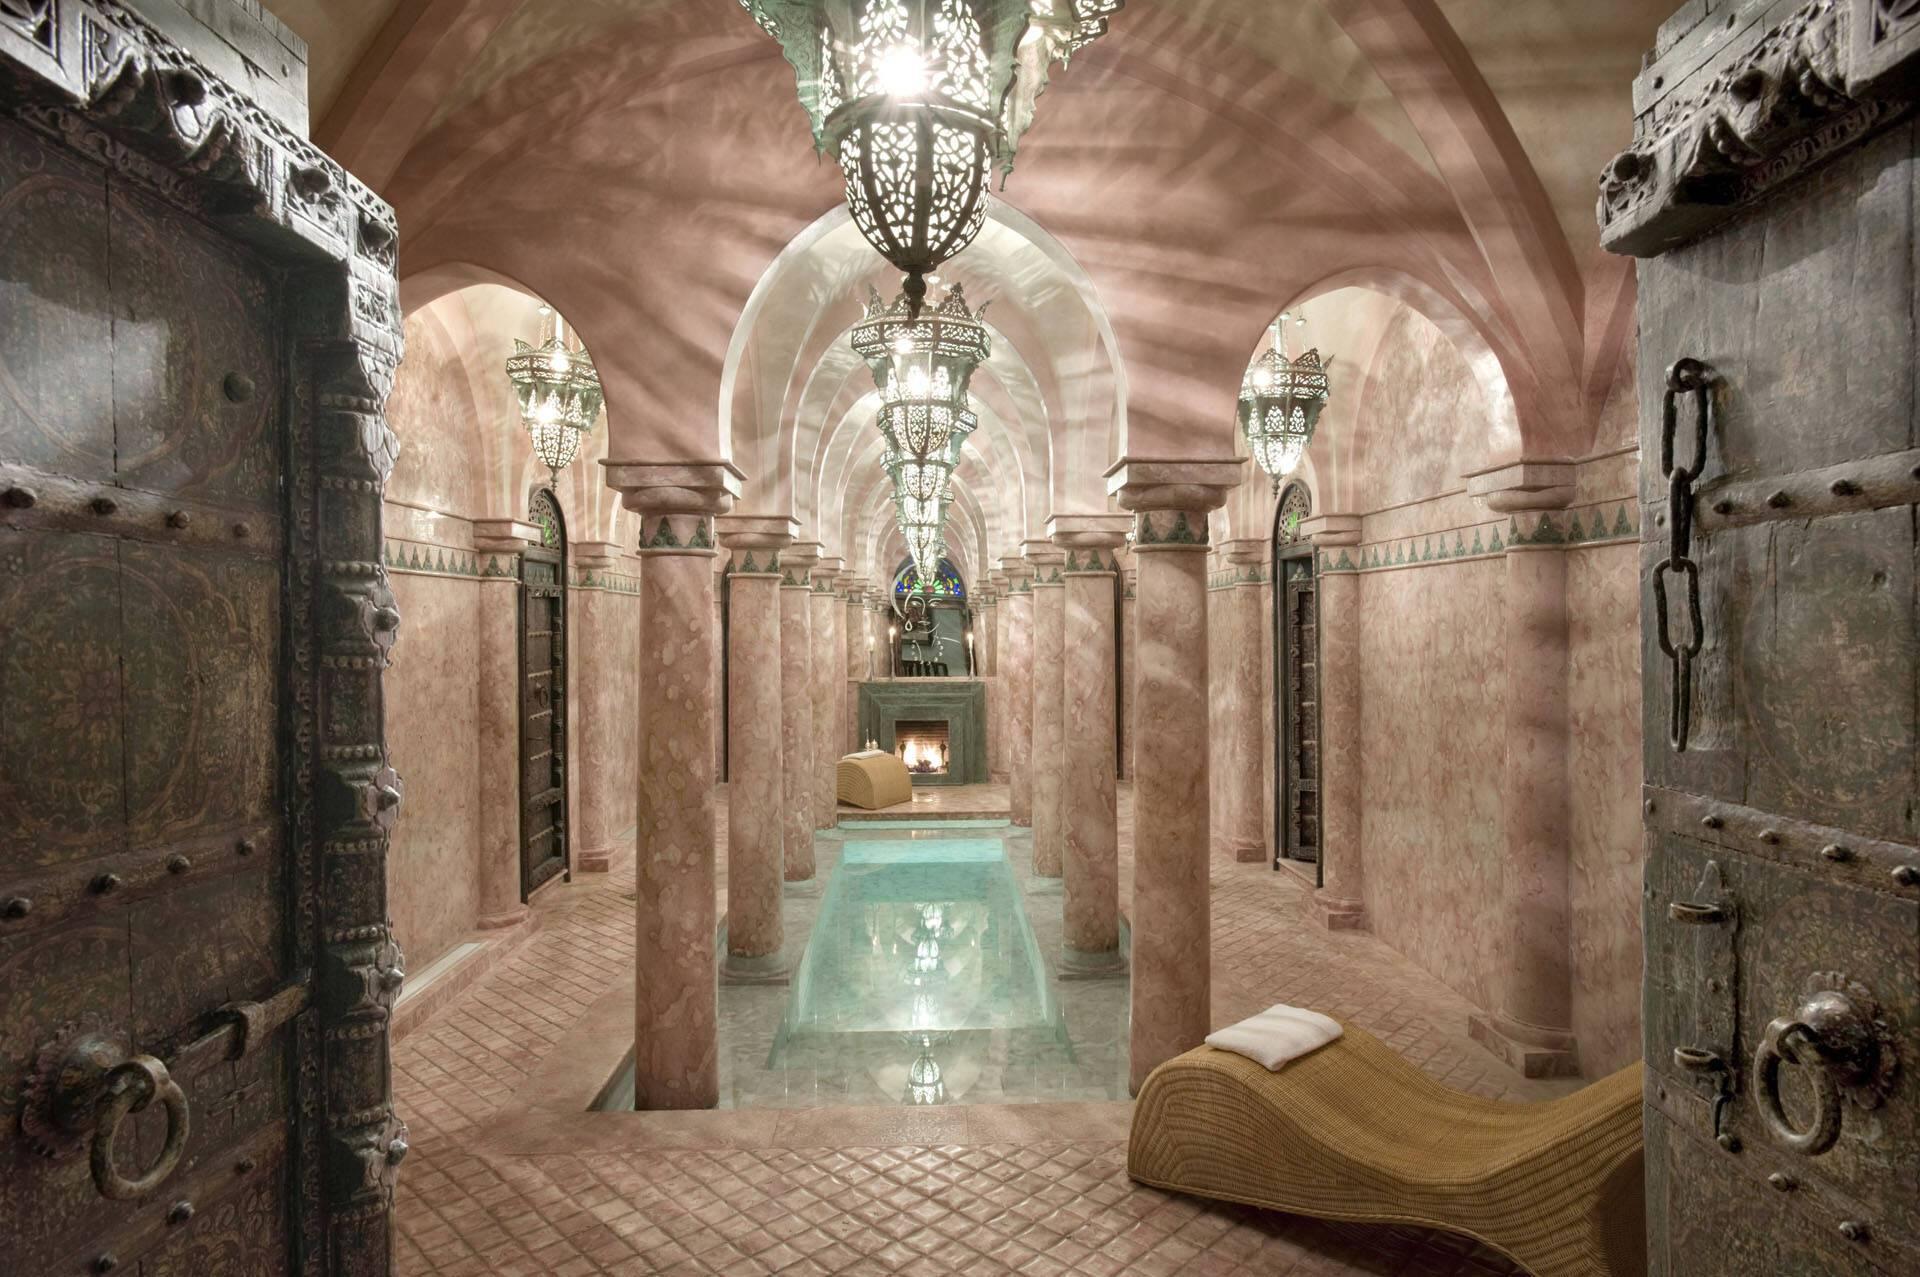 Sultana Marrakech Spa